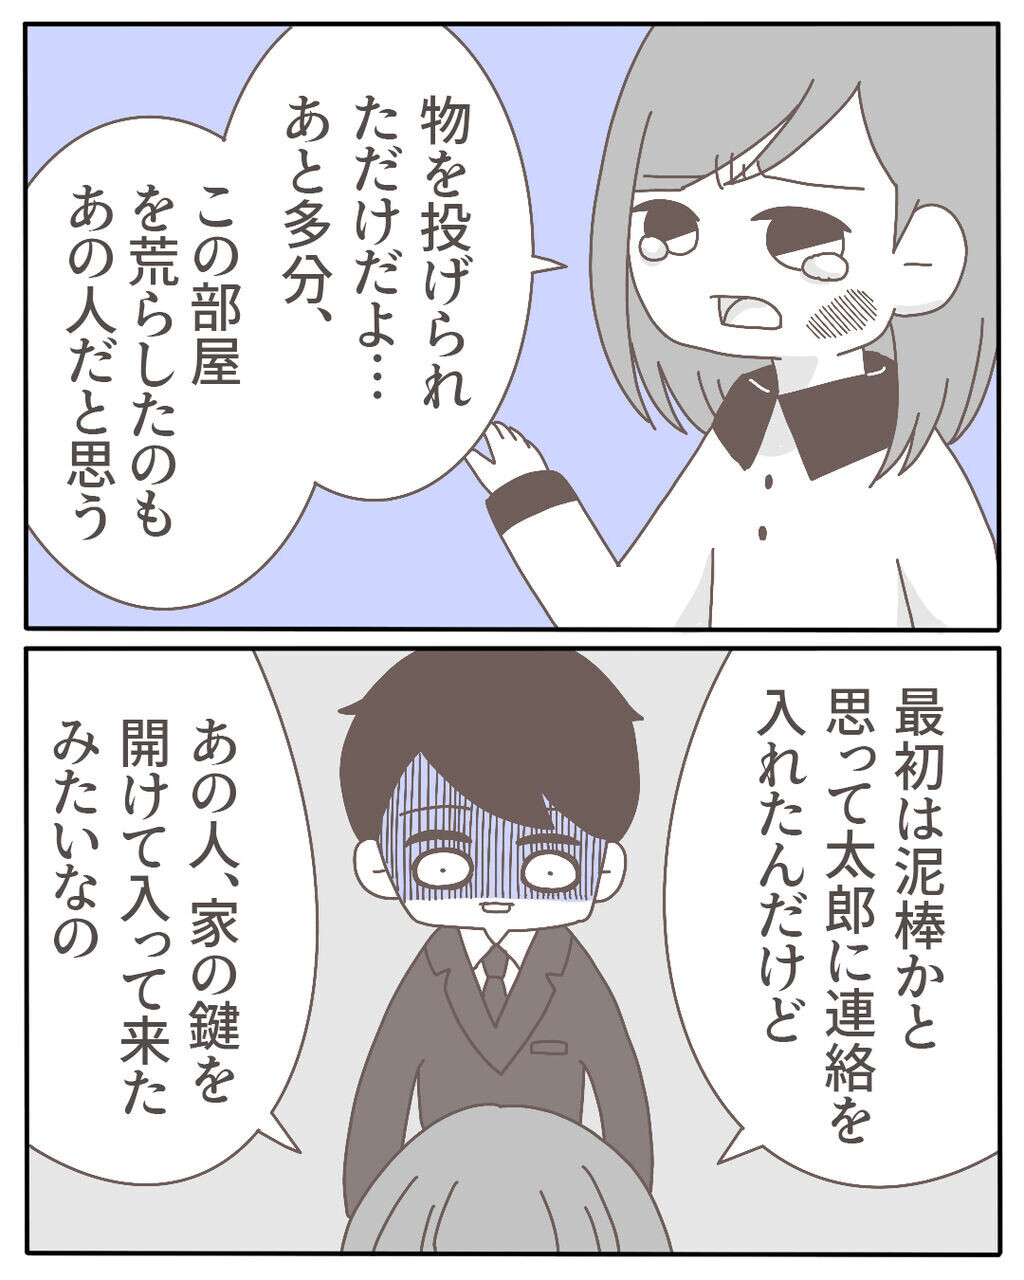 ブチ切れる夫 VS 開き直る女!! 壮絶なバトルの幕開け!【不倫相手が大暴れ Vol.6】